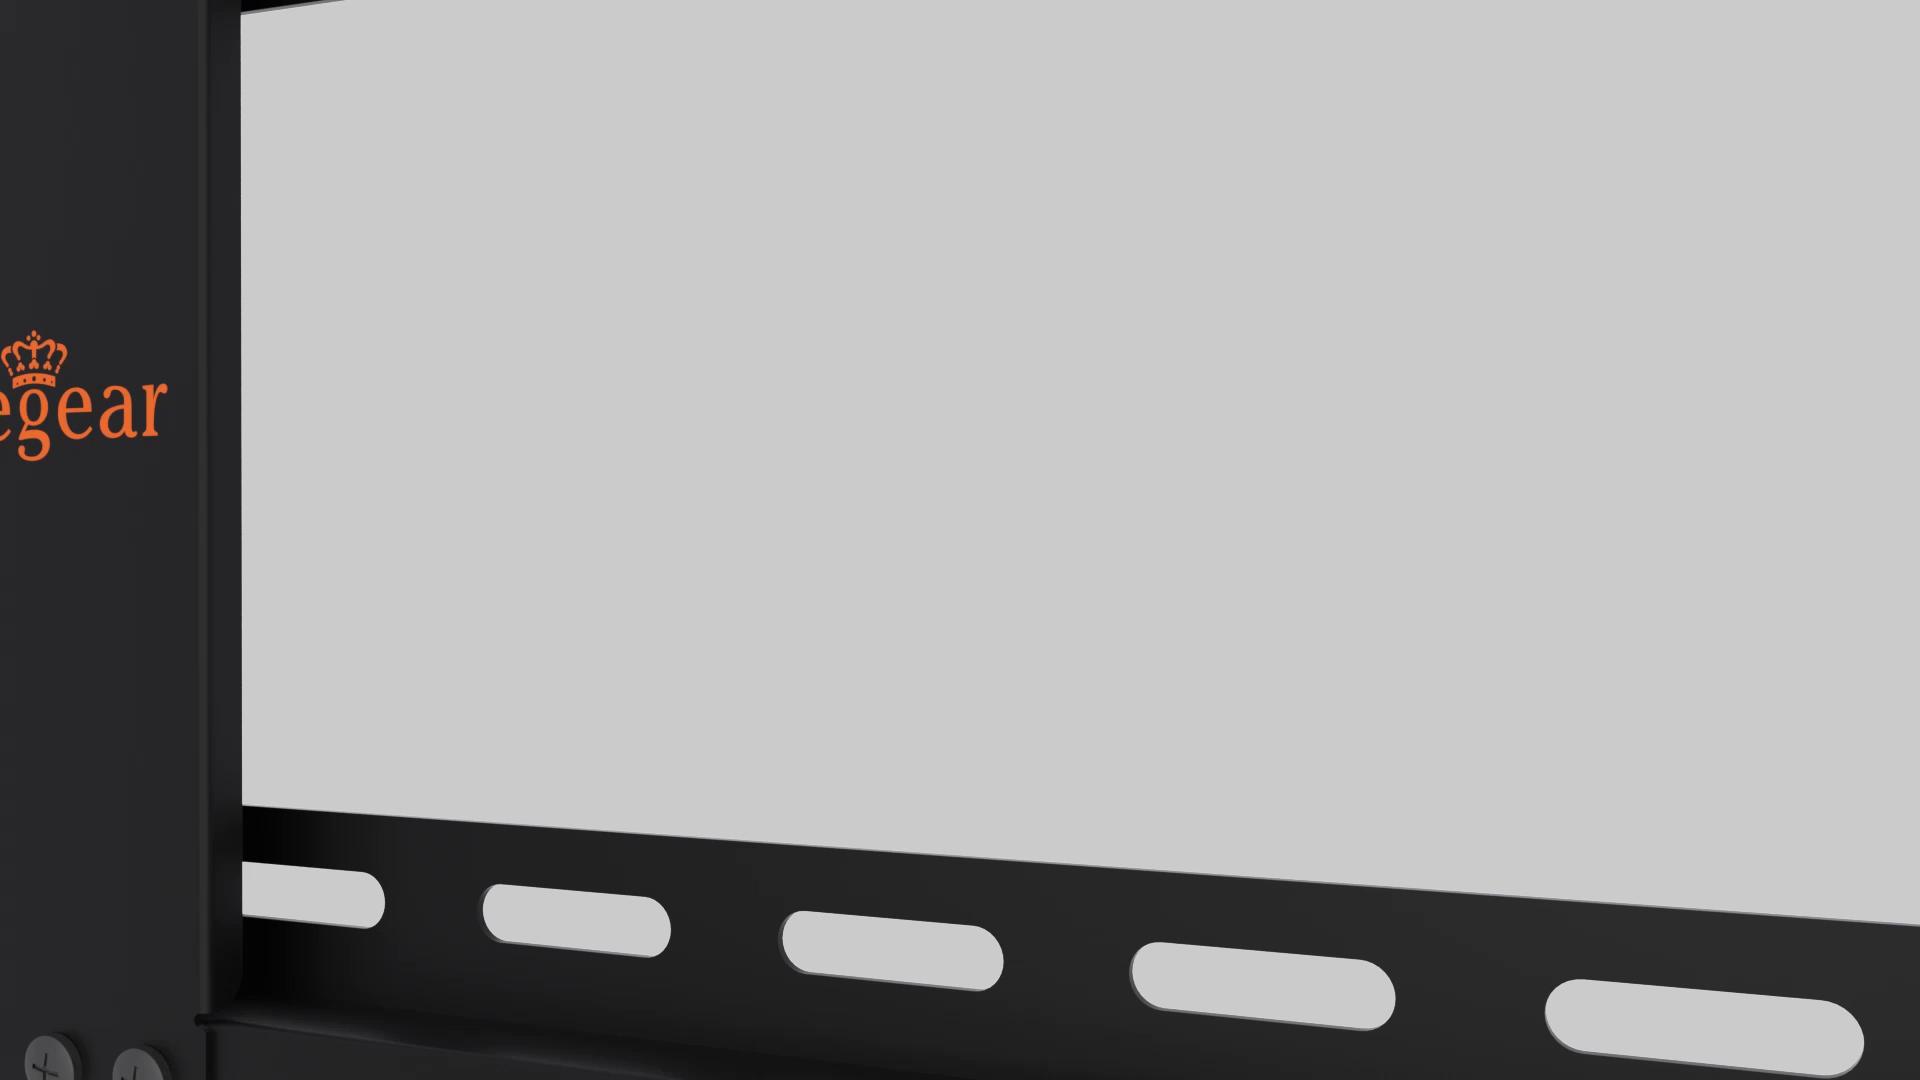 """Soporte TV De Pared Articulado Inclinable – Soporte De Pared TV para Pantallas De 37-82"""" TV, hasta 60kg VESA 600x400mm, Nivel De Burbuja Incluidos para Facilitar La Instalación: Amazon.es: Electrónica"""